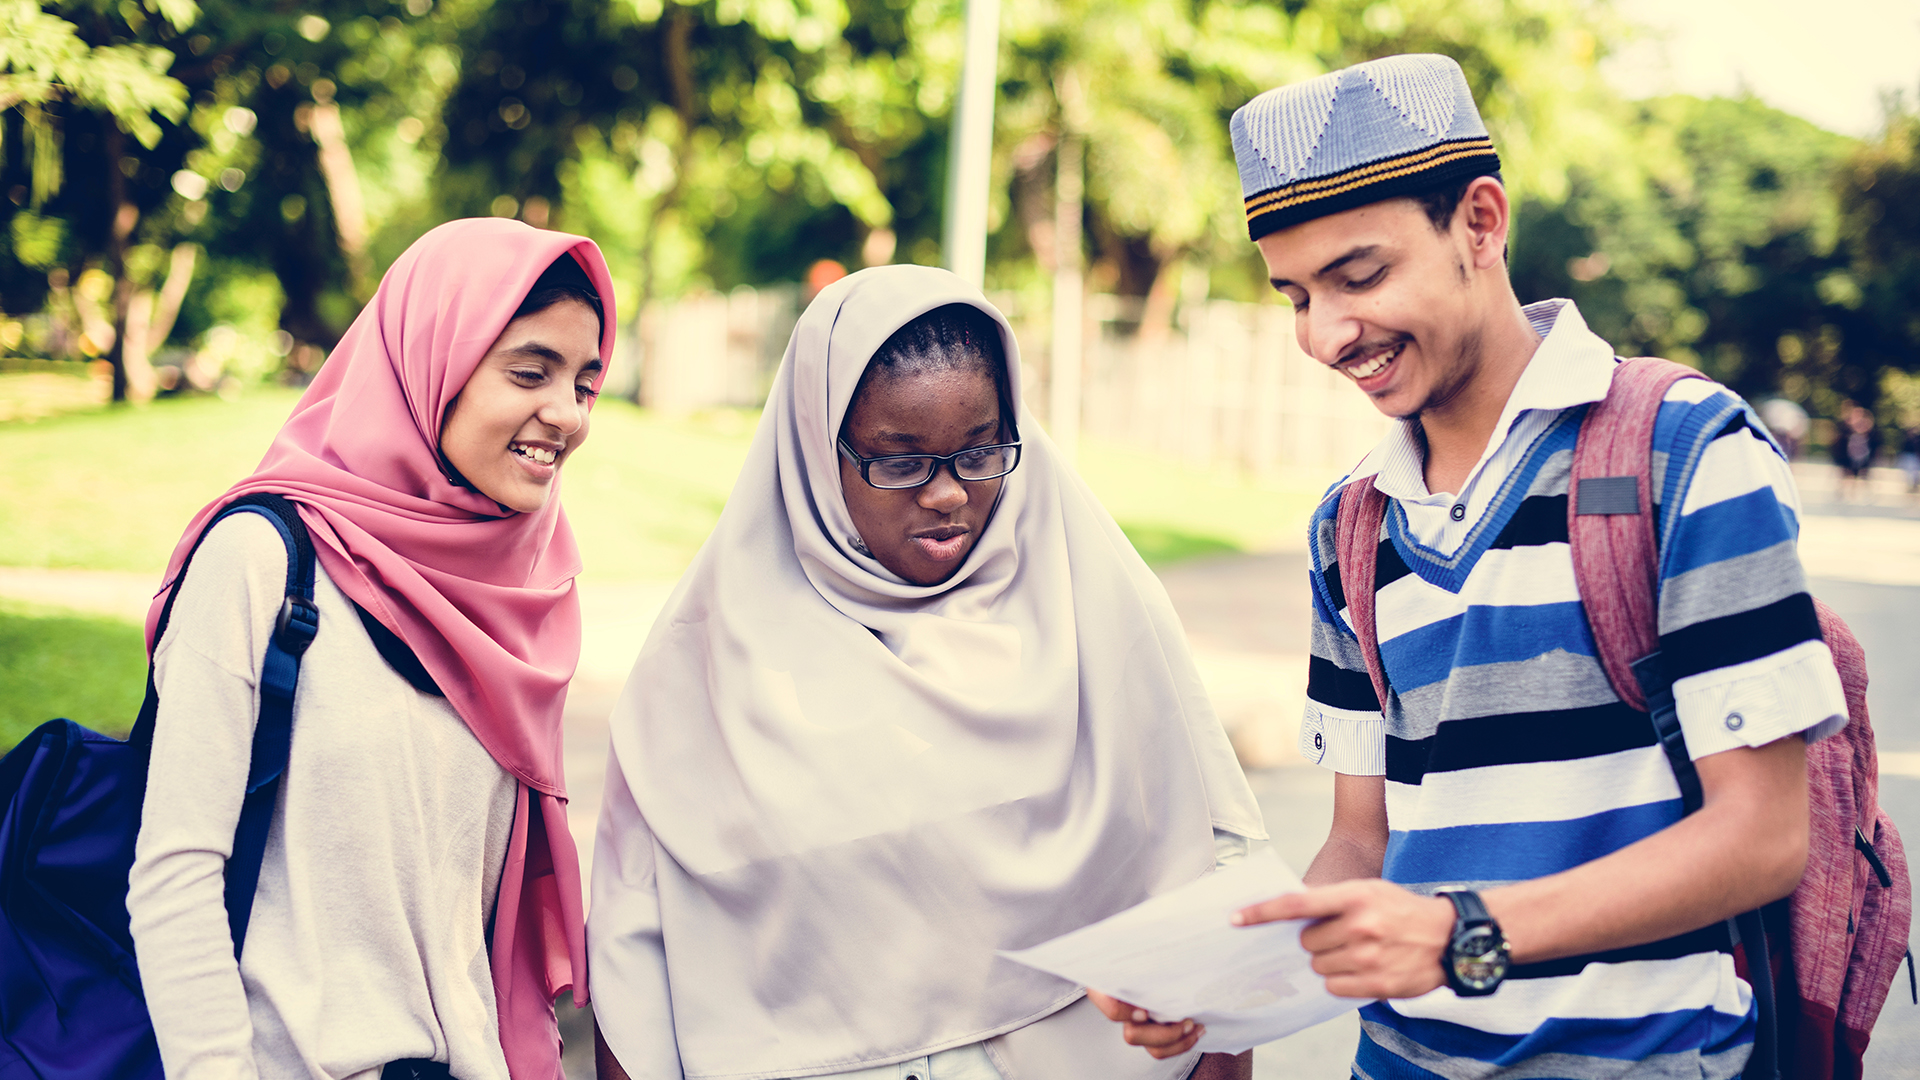 عکس گروه متنوعی شامل دو زن جوان با روسری و یک مرد جوان که کلاهی به سر دارد و به یک تکه کاغذ نگاه میکند.